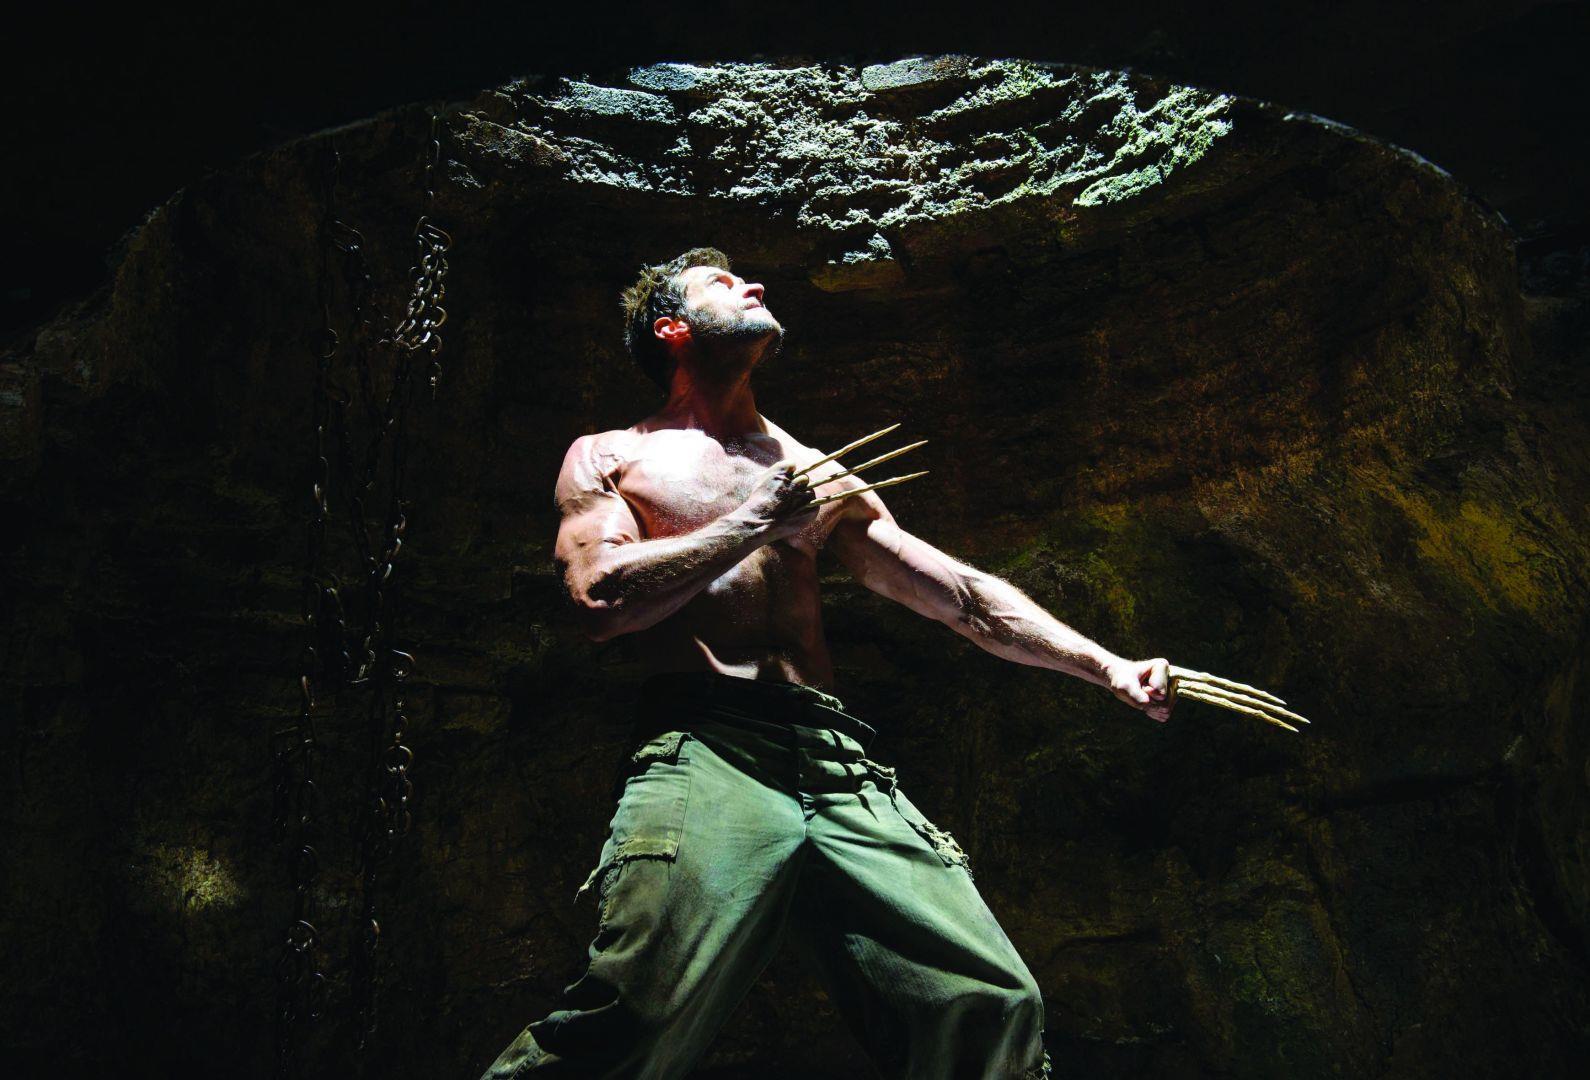 Wolverine 3 potrebbe essere distribuito nelle sale con un rating R.